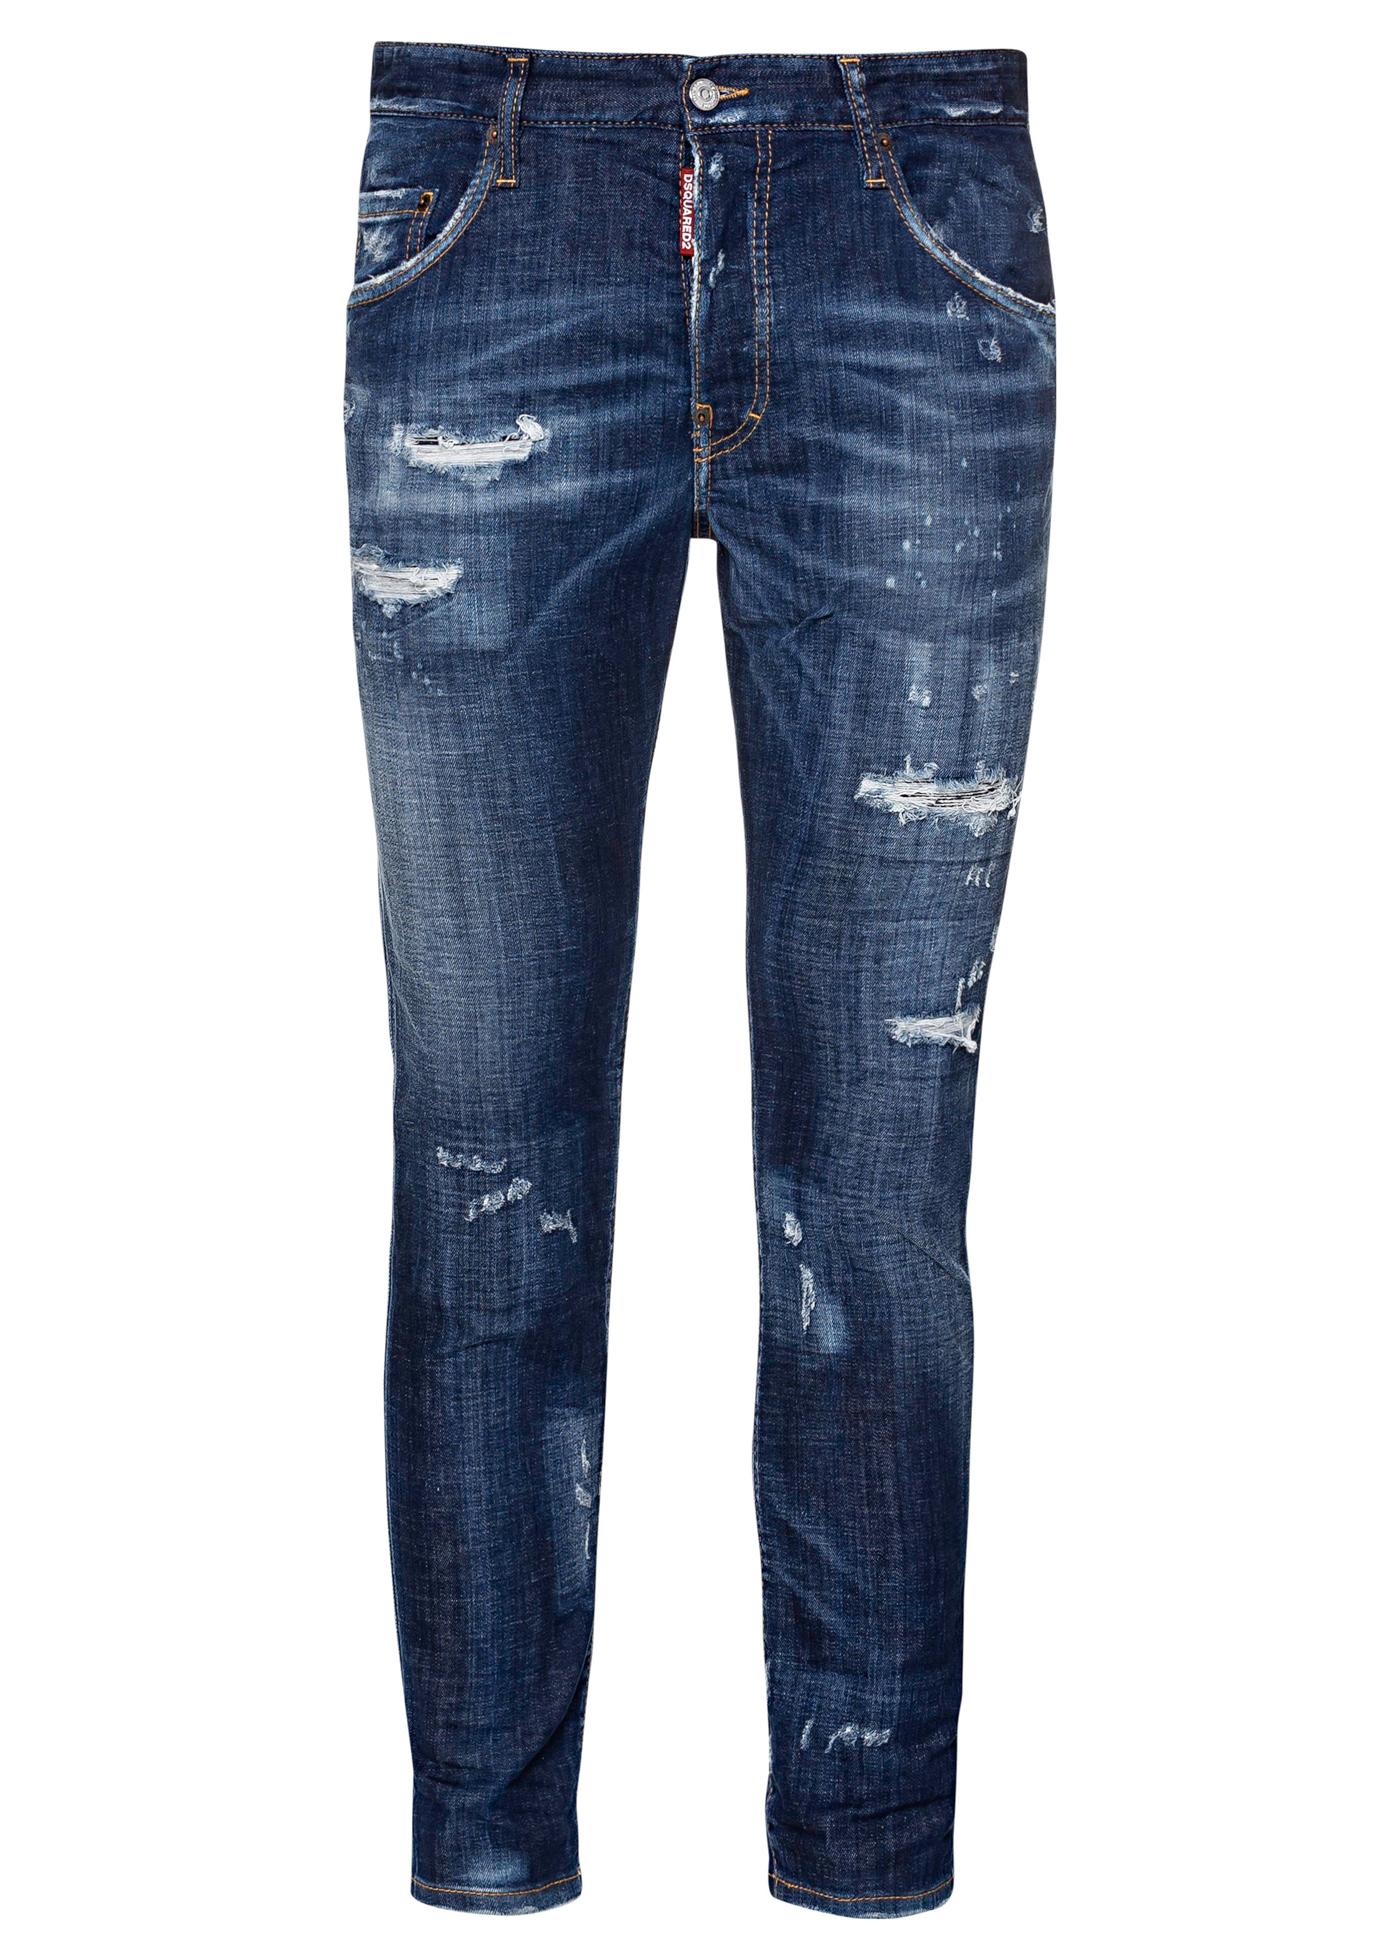 1964 Skater Jeans image number 0